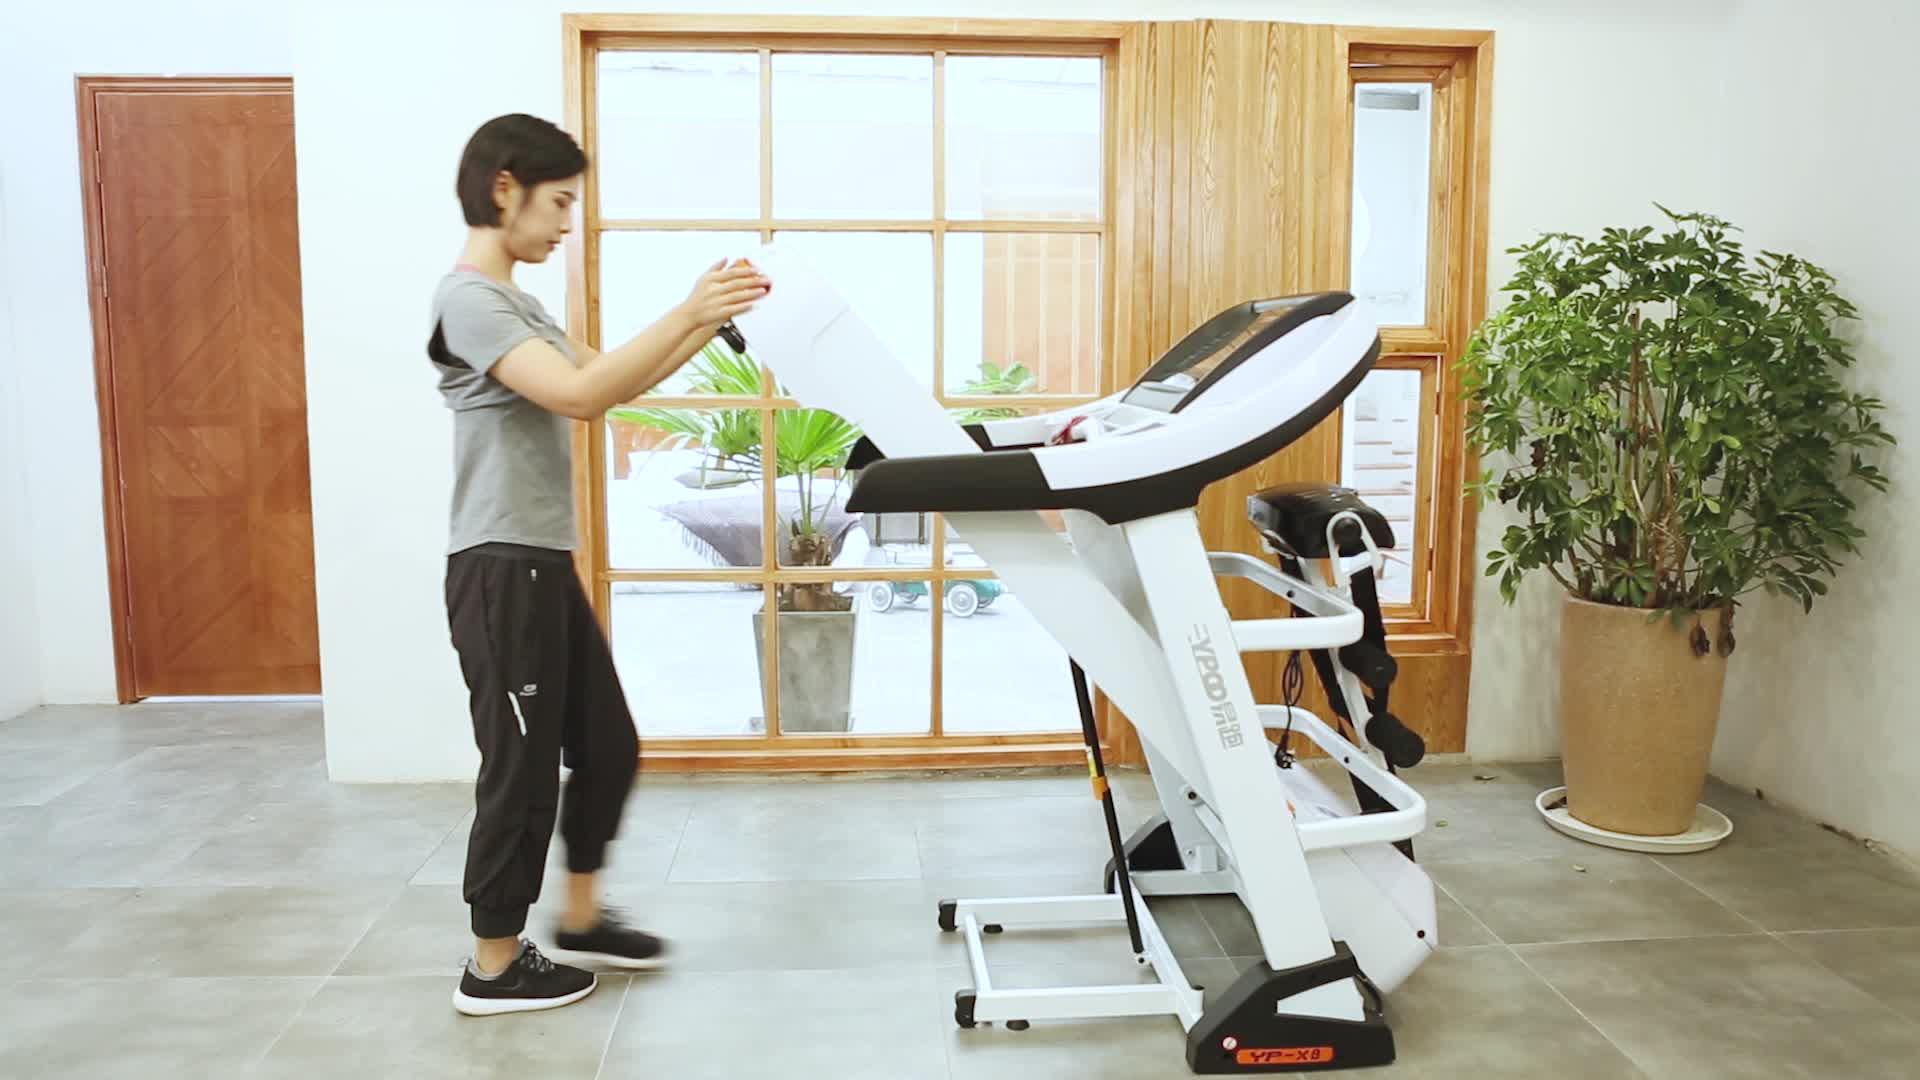 저렴한 가격 큰 스크린 가정용 체육관 운동 러닝 머신 러닝 머신 스포츠 동력 디딜 방아